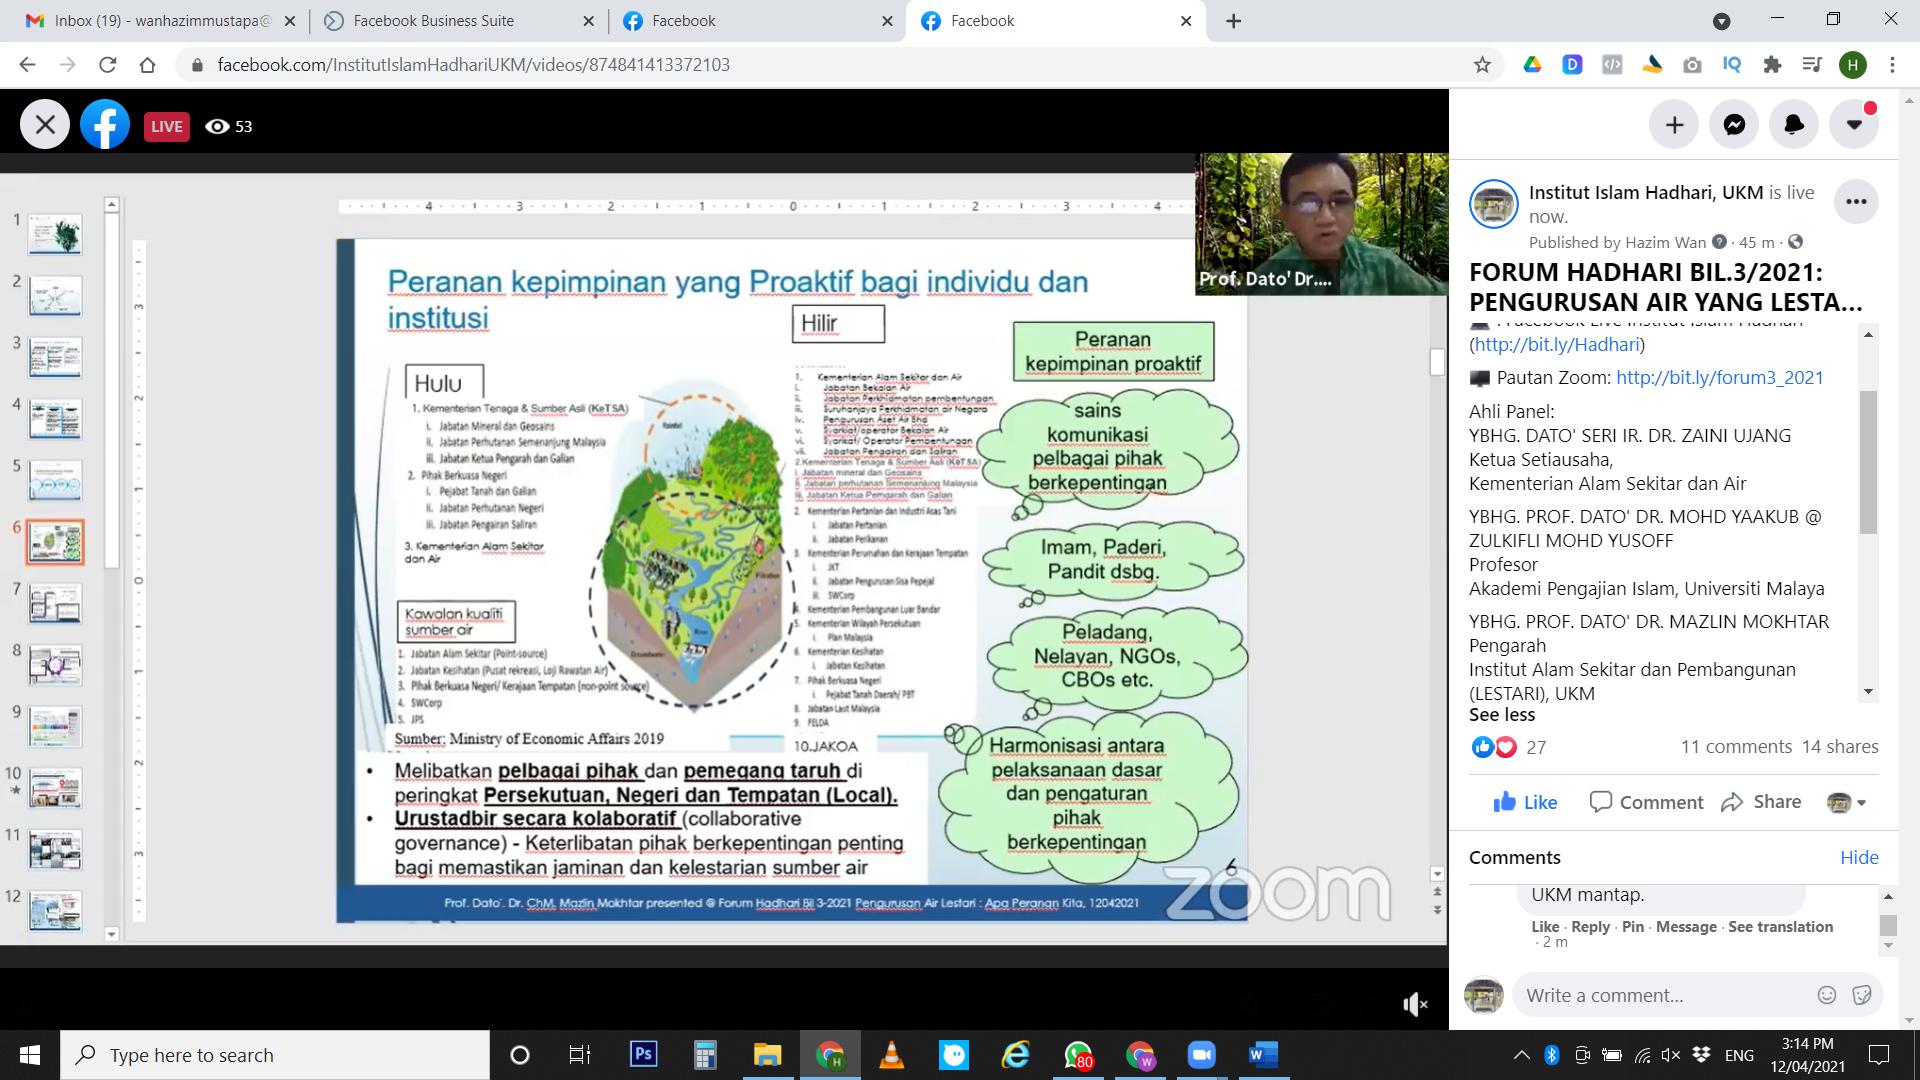 Forum hadhari bil3-2021 pic (6)